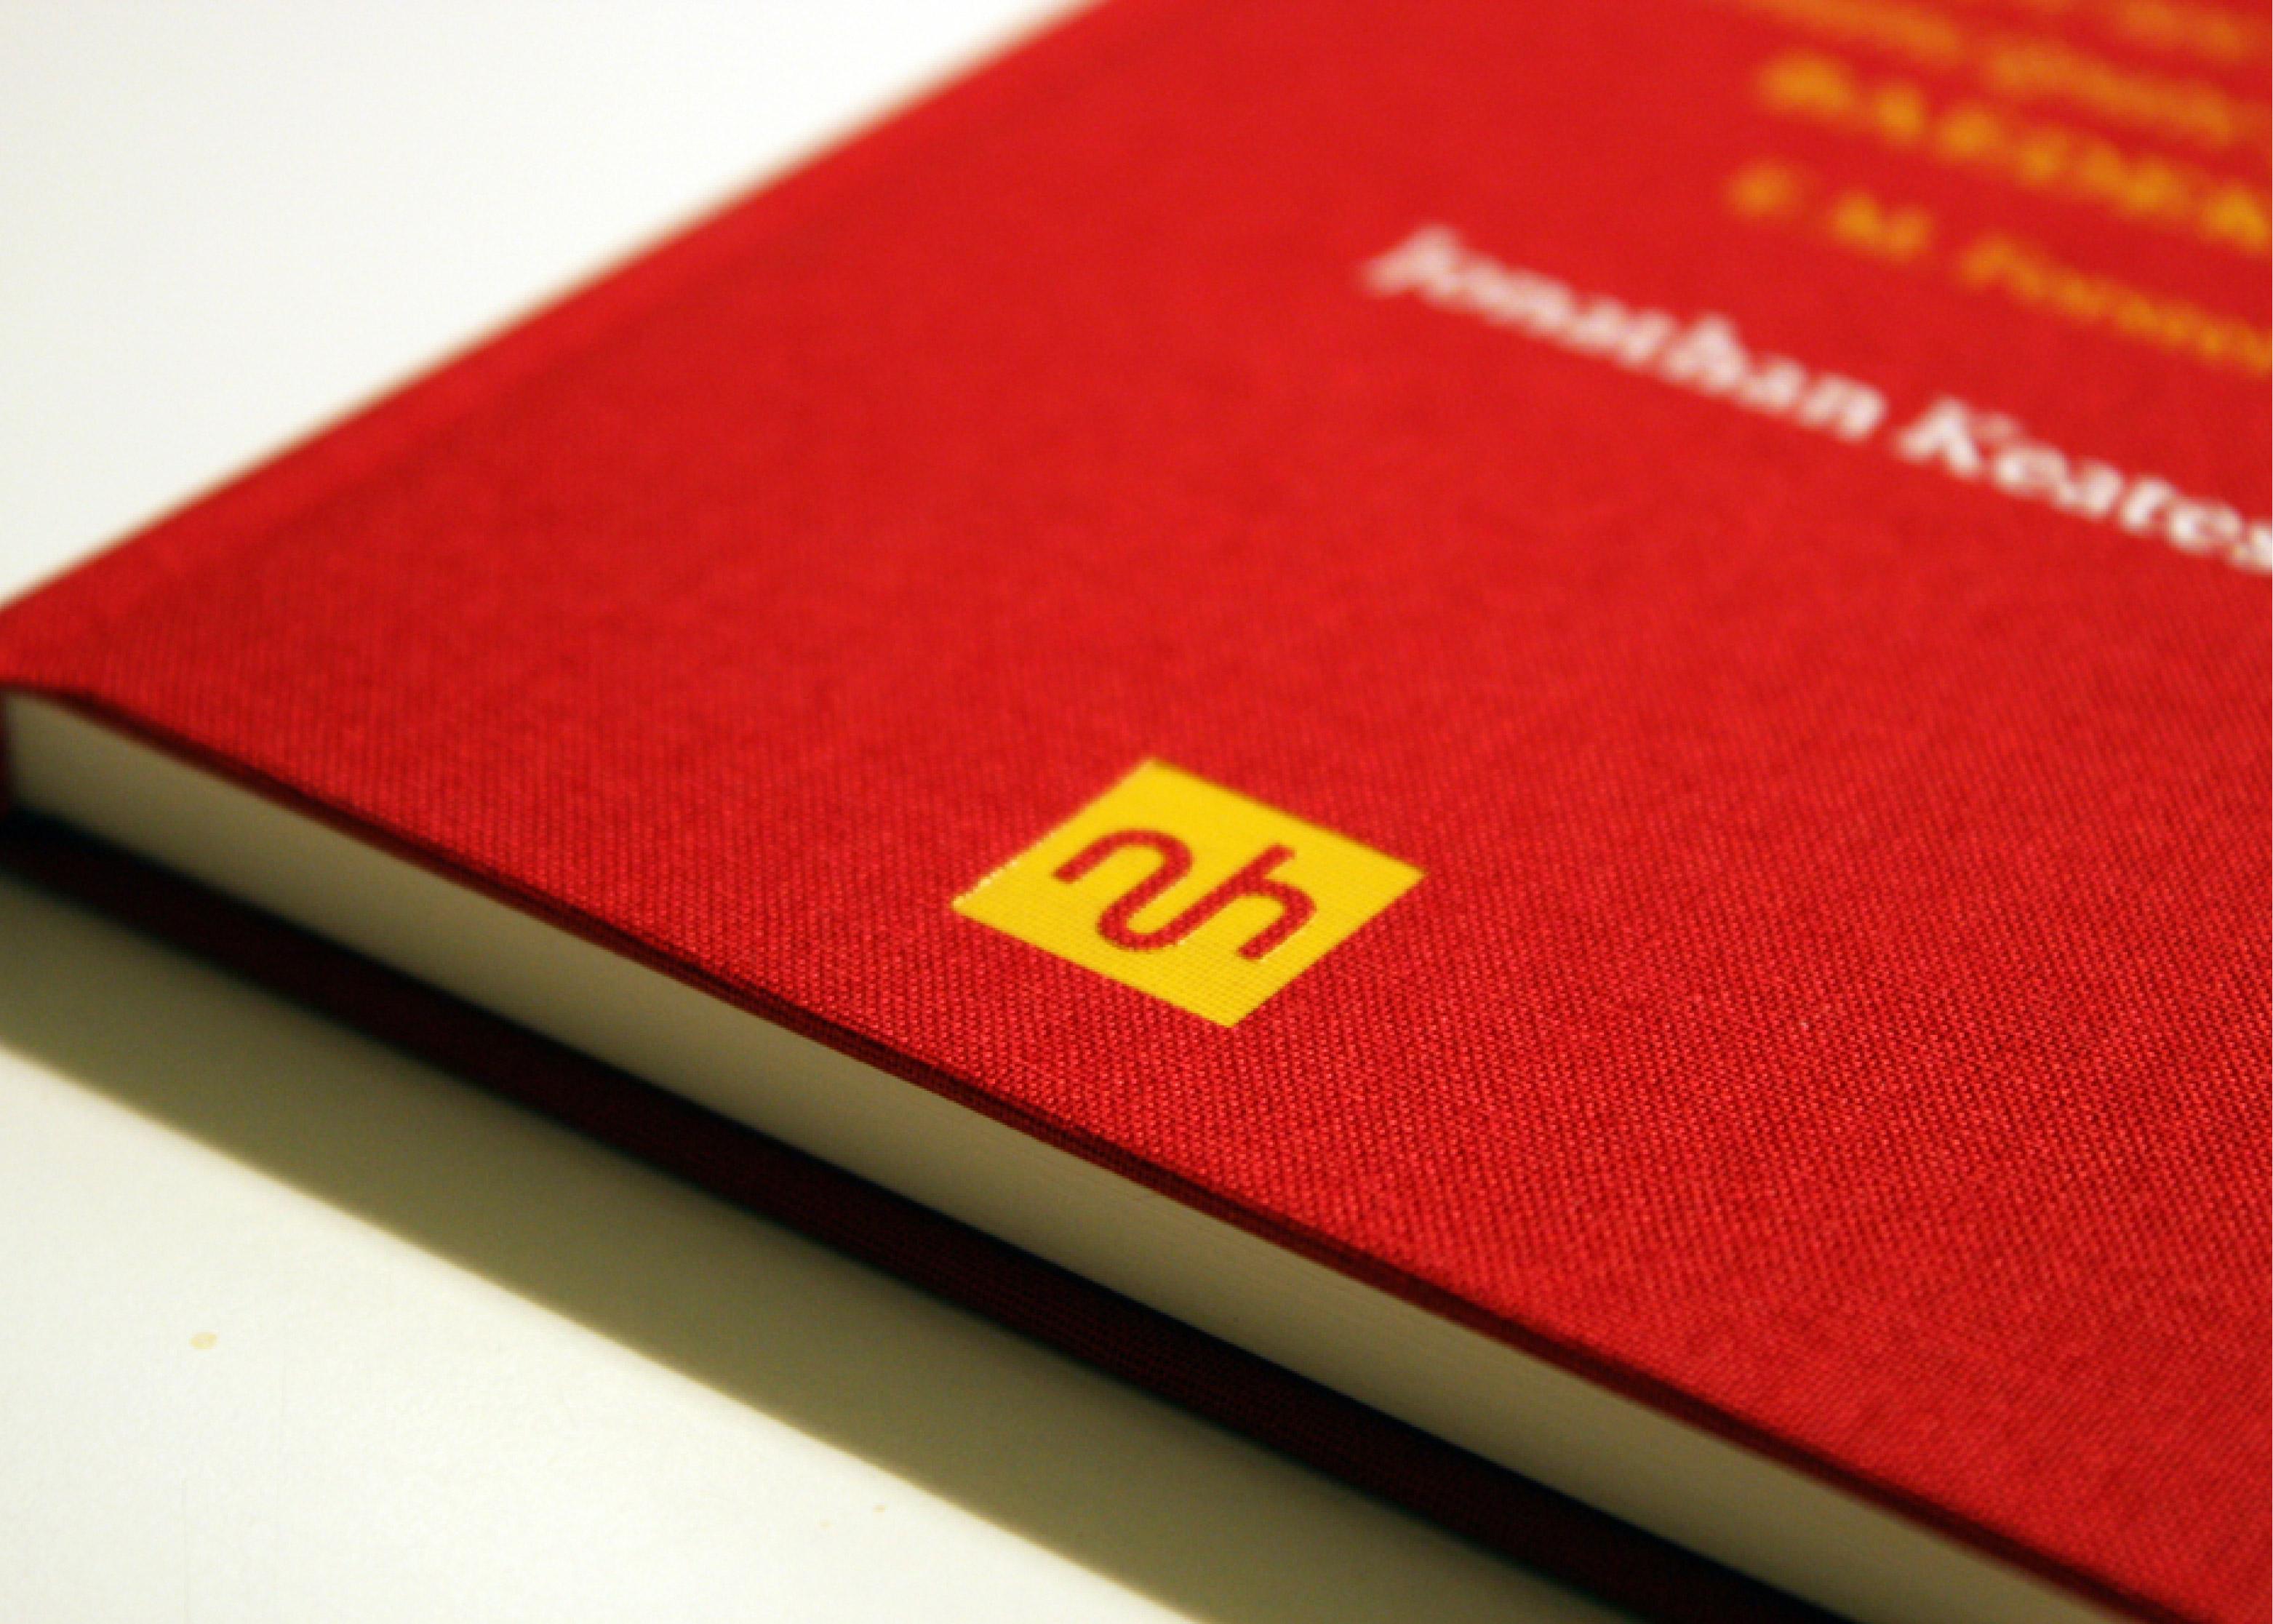 NHE_books_inside4_1500n